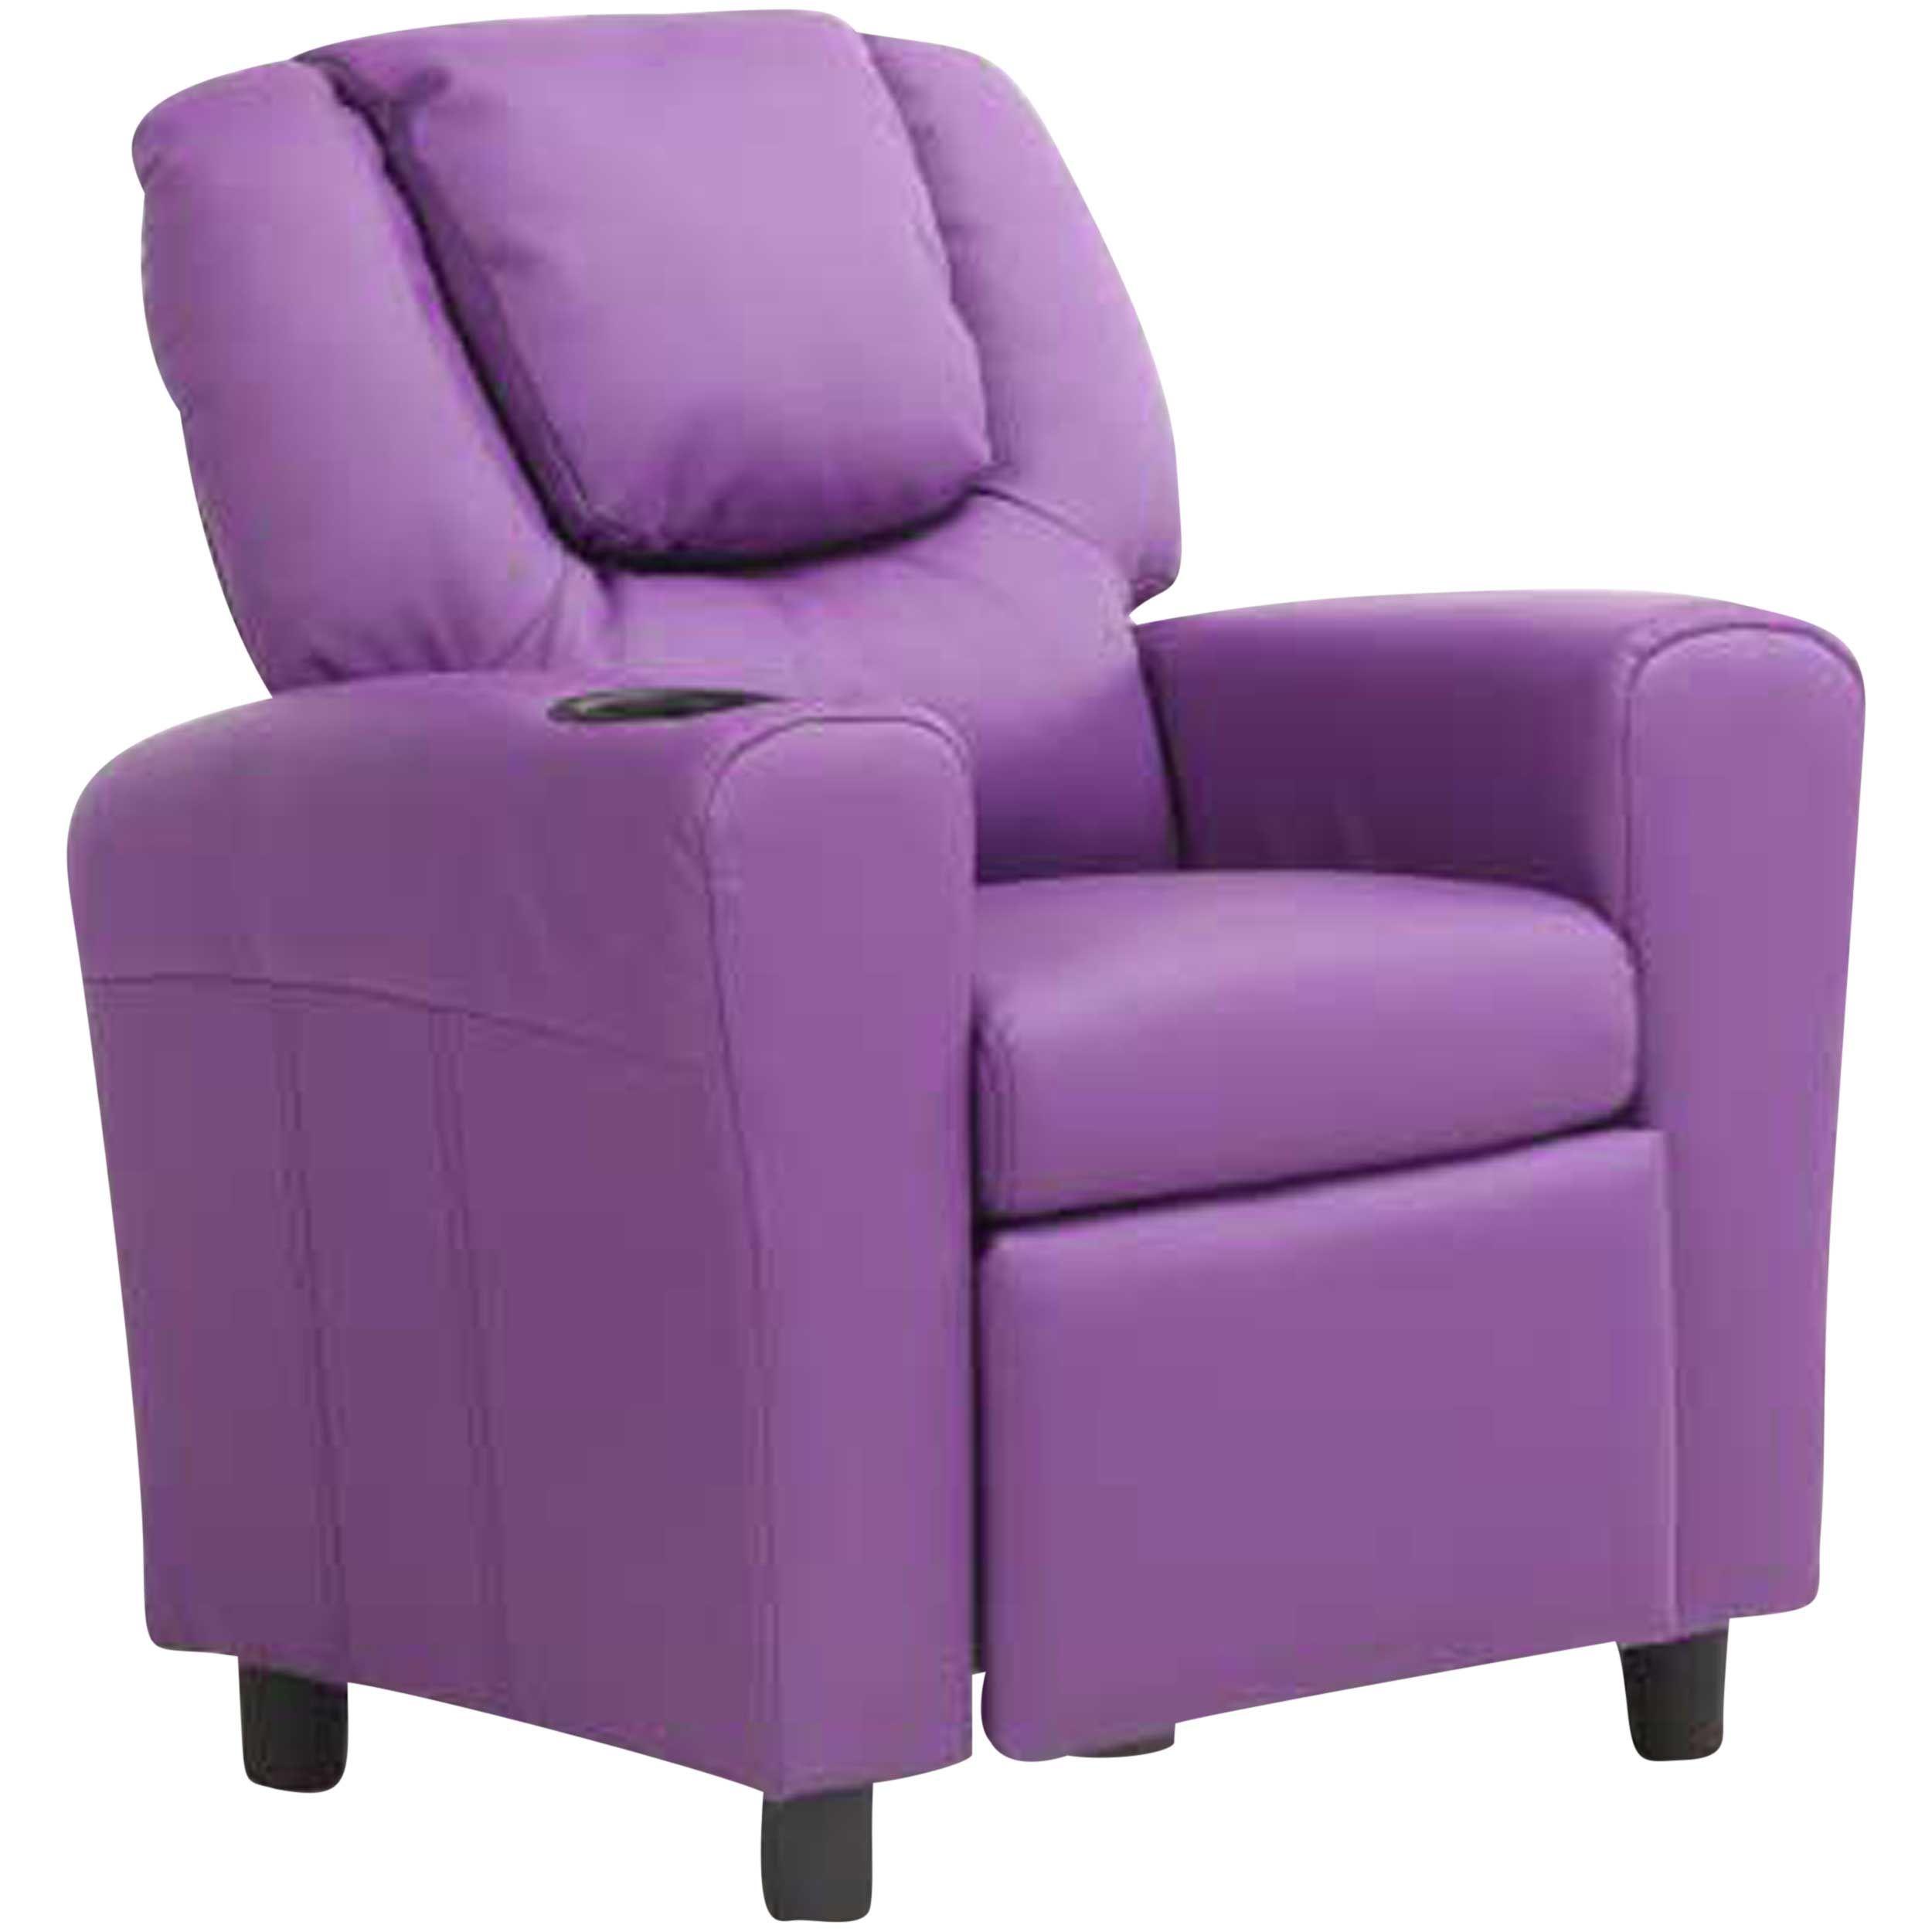 fauteuil relax pour enfants rex violet